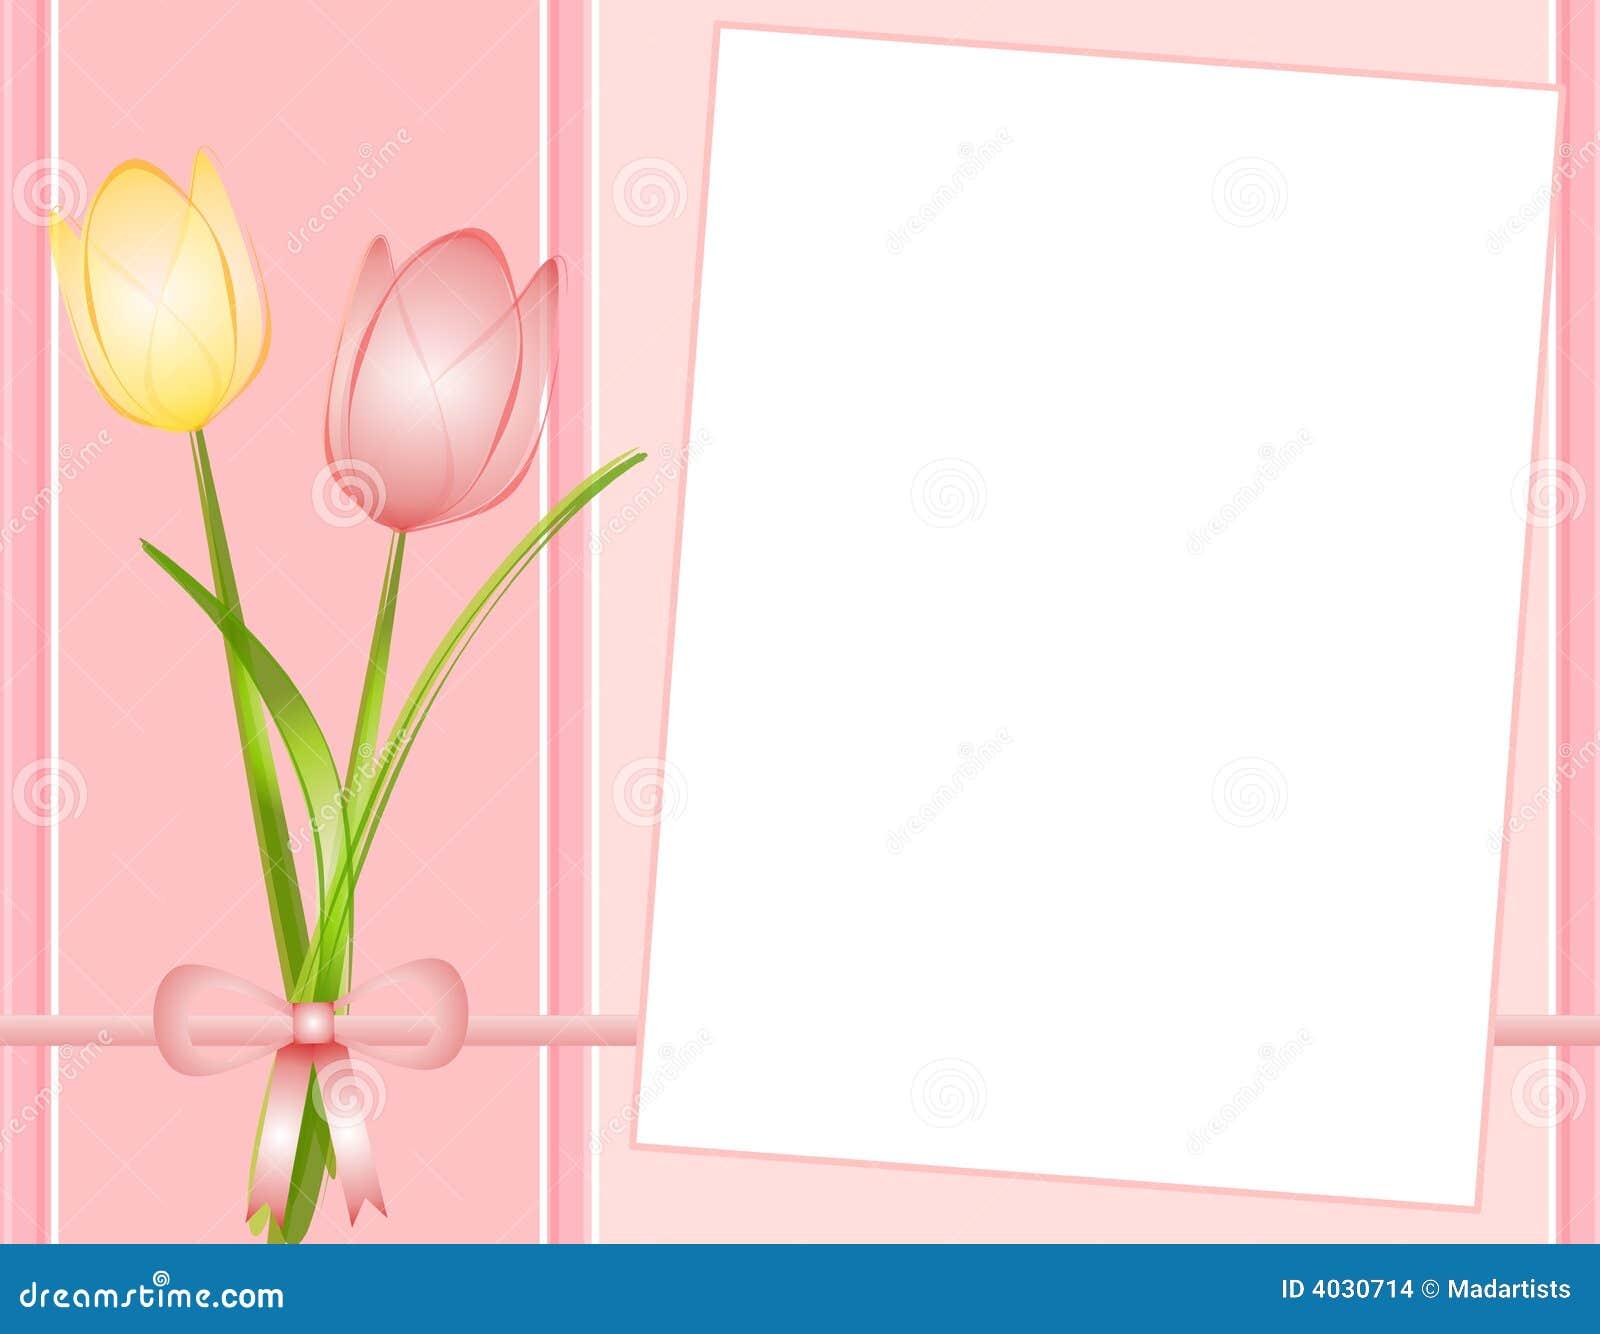 Dorable Día De Madres Marcos De Fotos Elaboración - Ideas ...